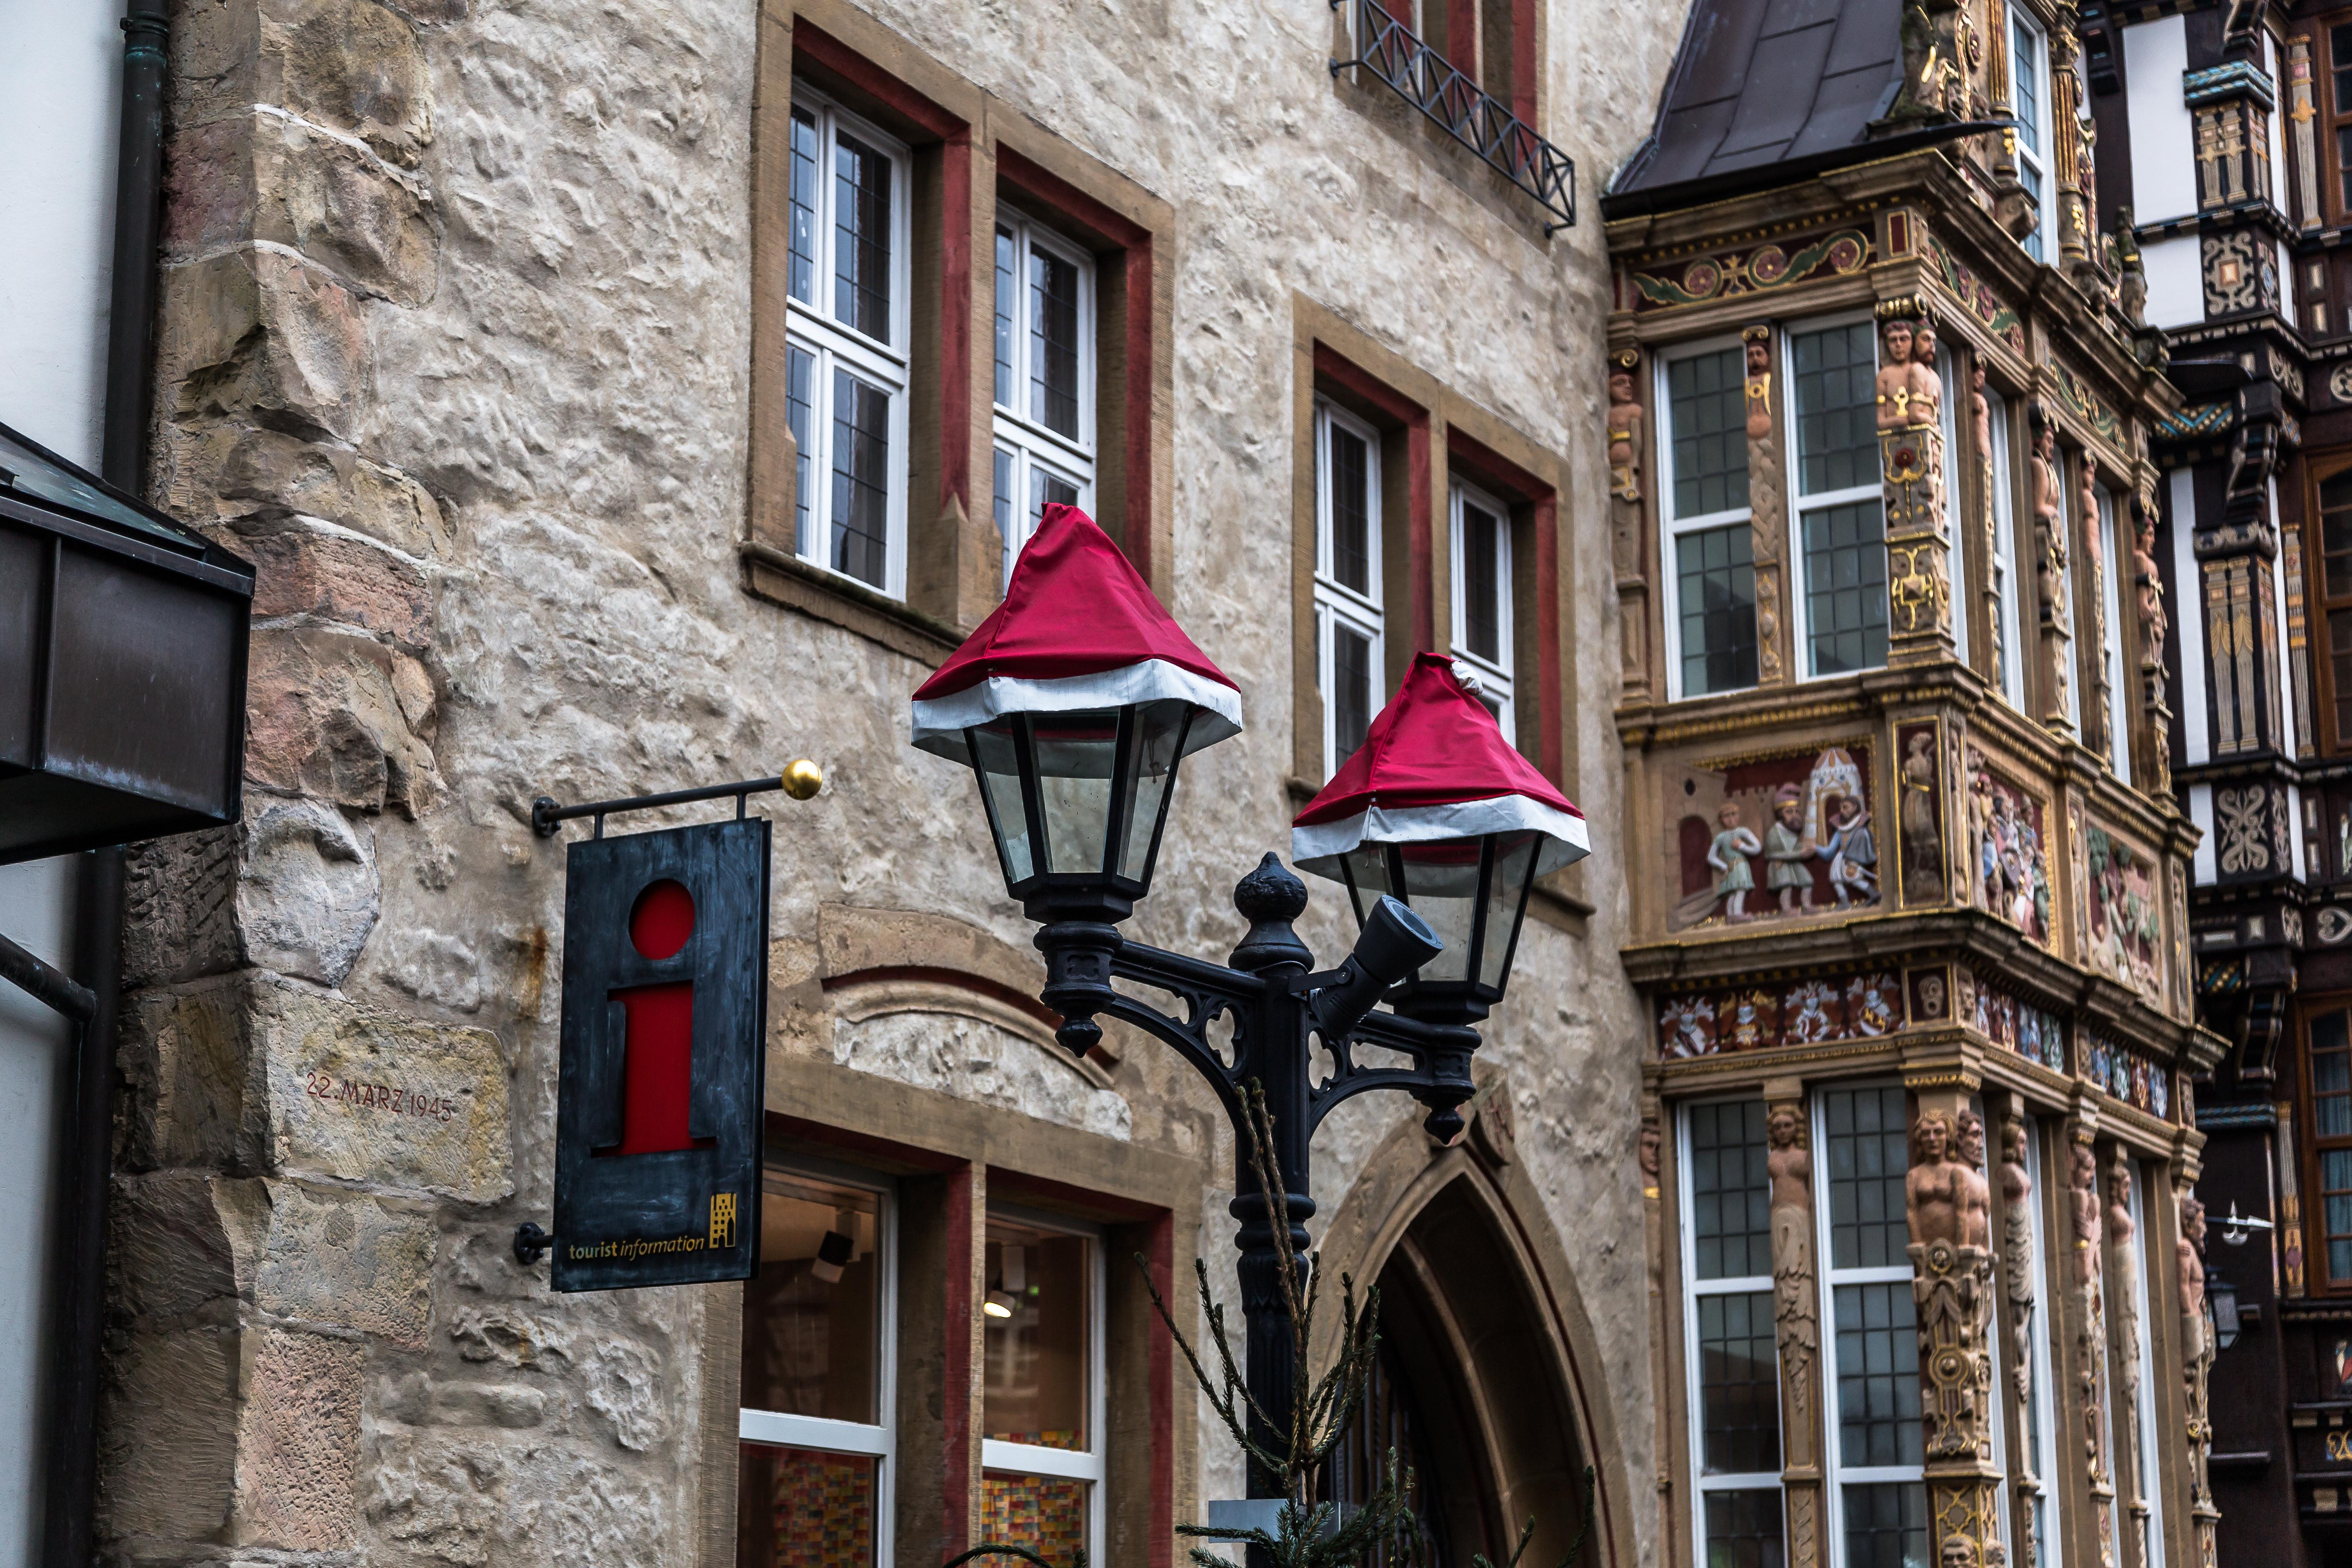 Hildesheim_Weihnachtsmarkt_Germany_Travel_Marina_Aagaard_blog